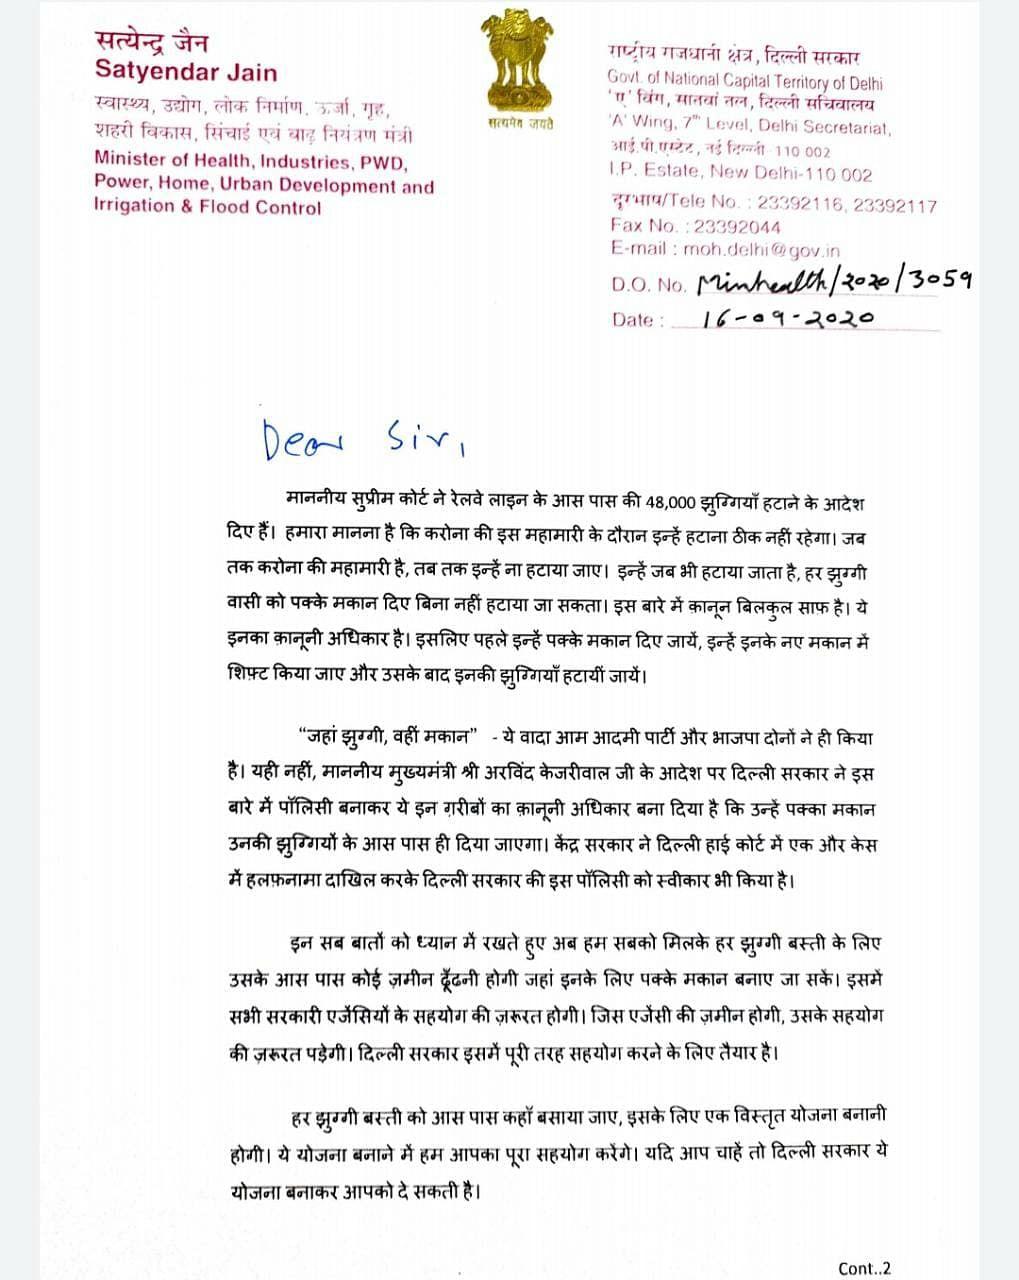 सत्येंद्र जैन ने झुग्गियों को बचाने के लिए पीयूष गोयल को लिखा पत्र